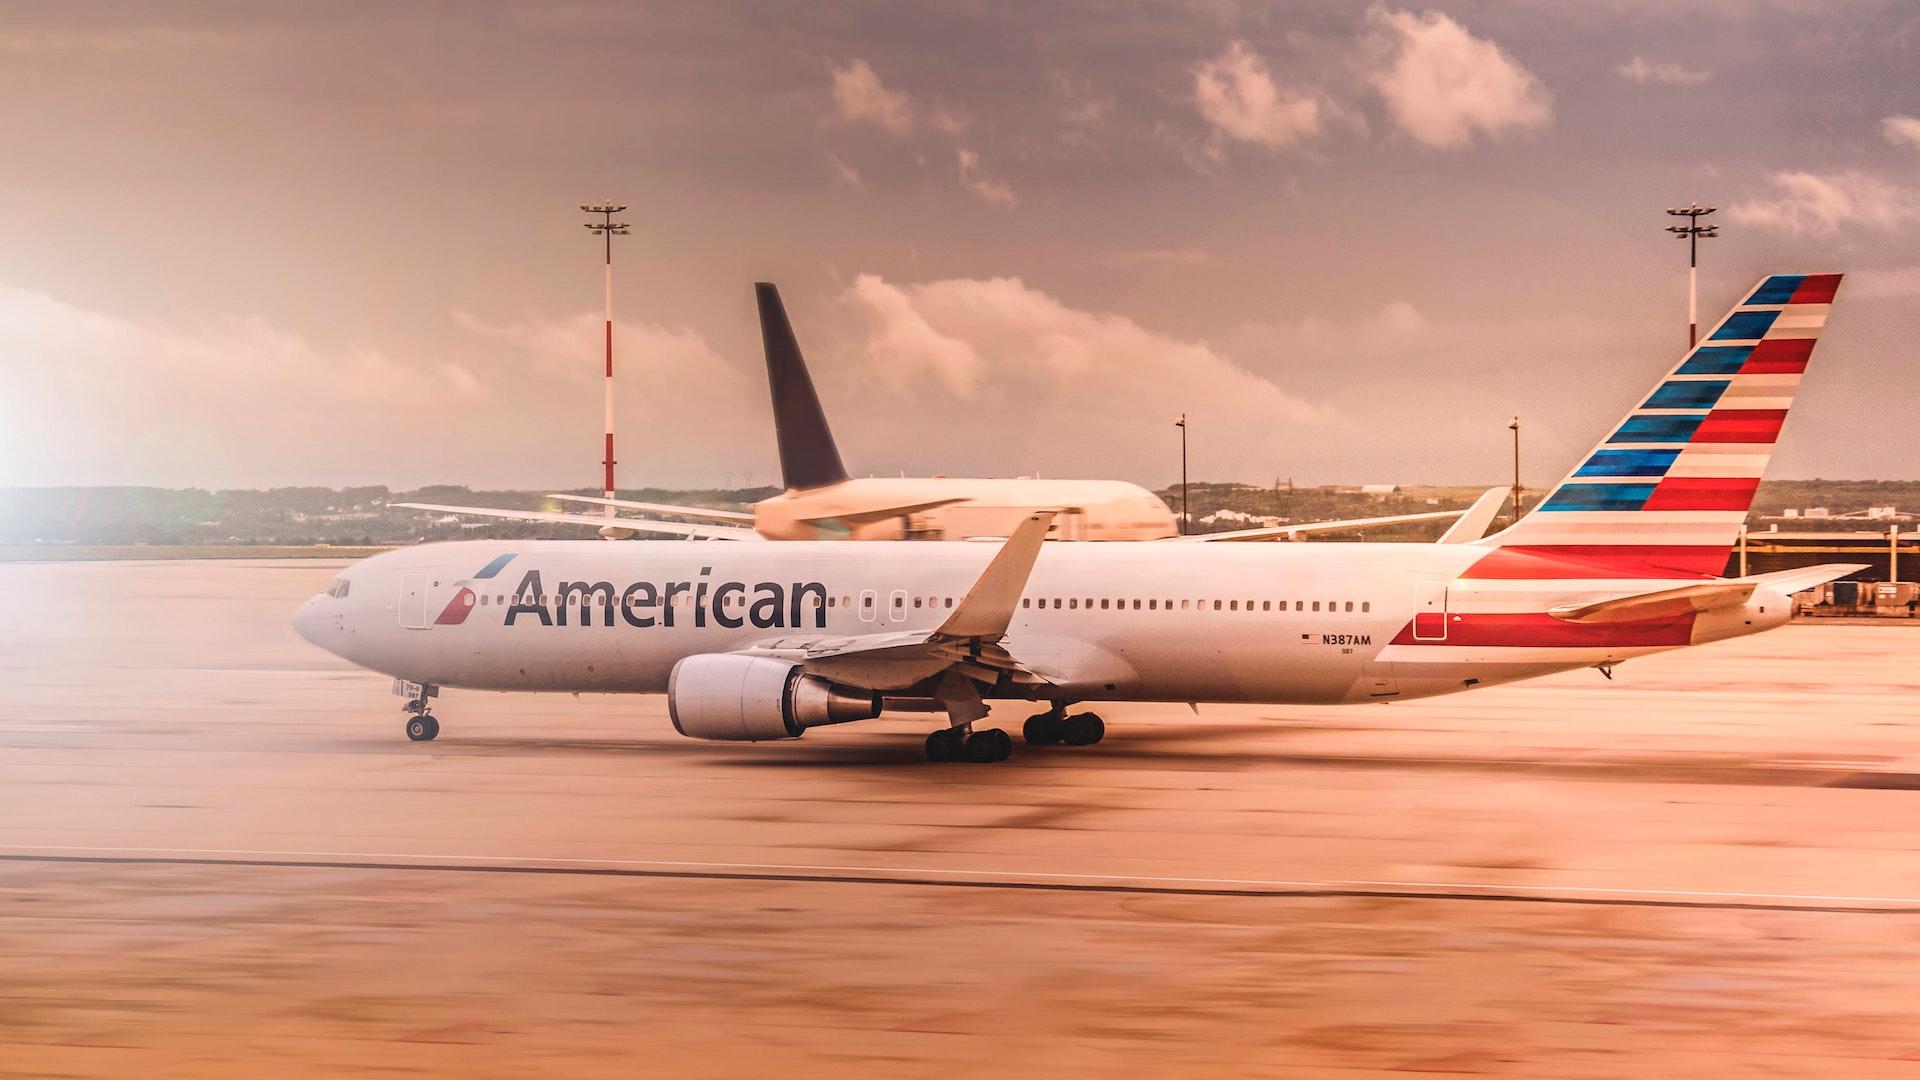 ¿Cuáles son las aerolíneas más grandes del mundo? ¿Y de Latinoamérica?